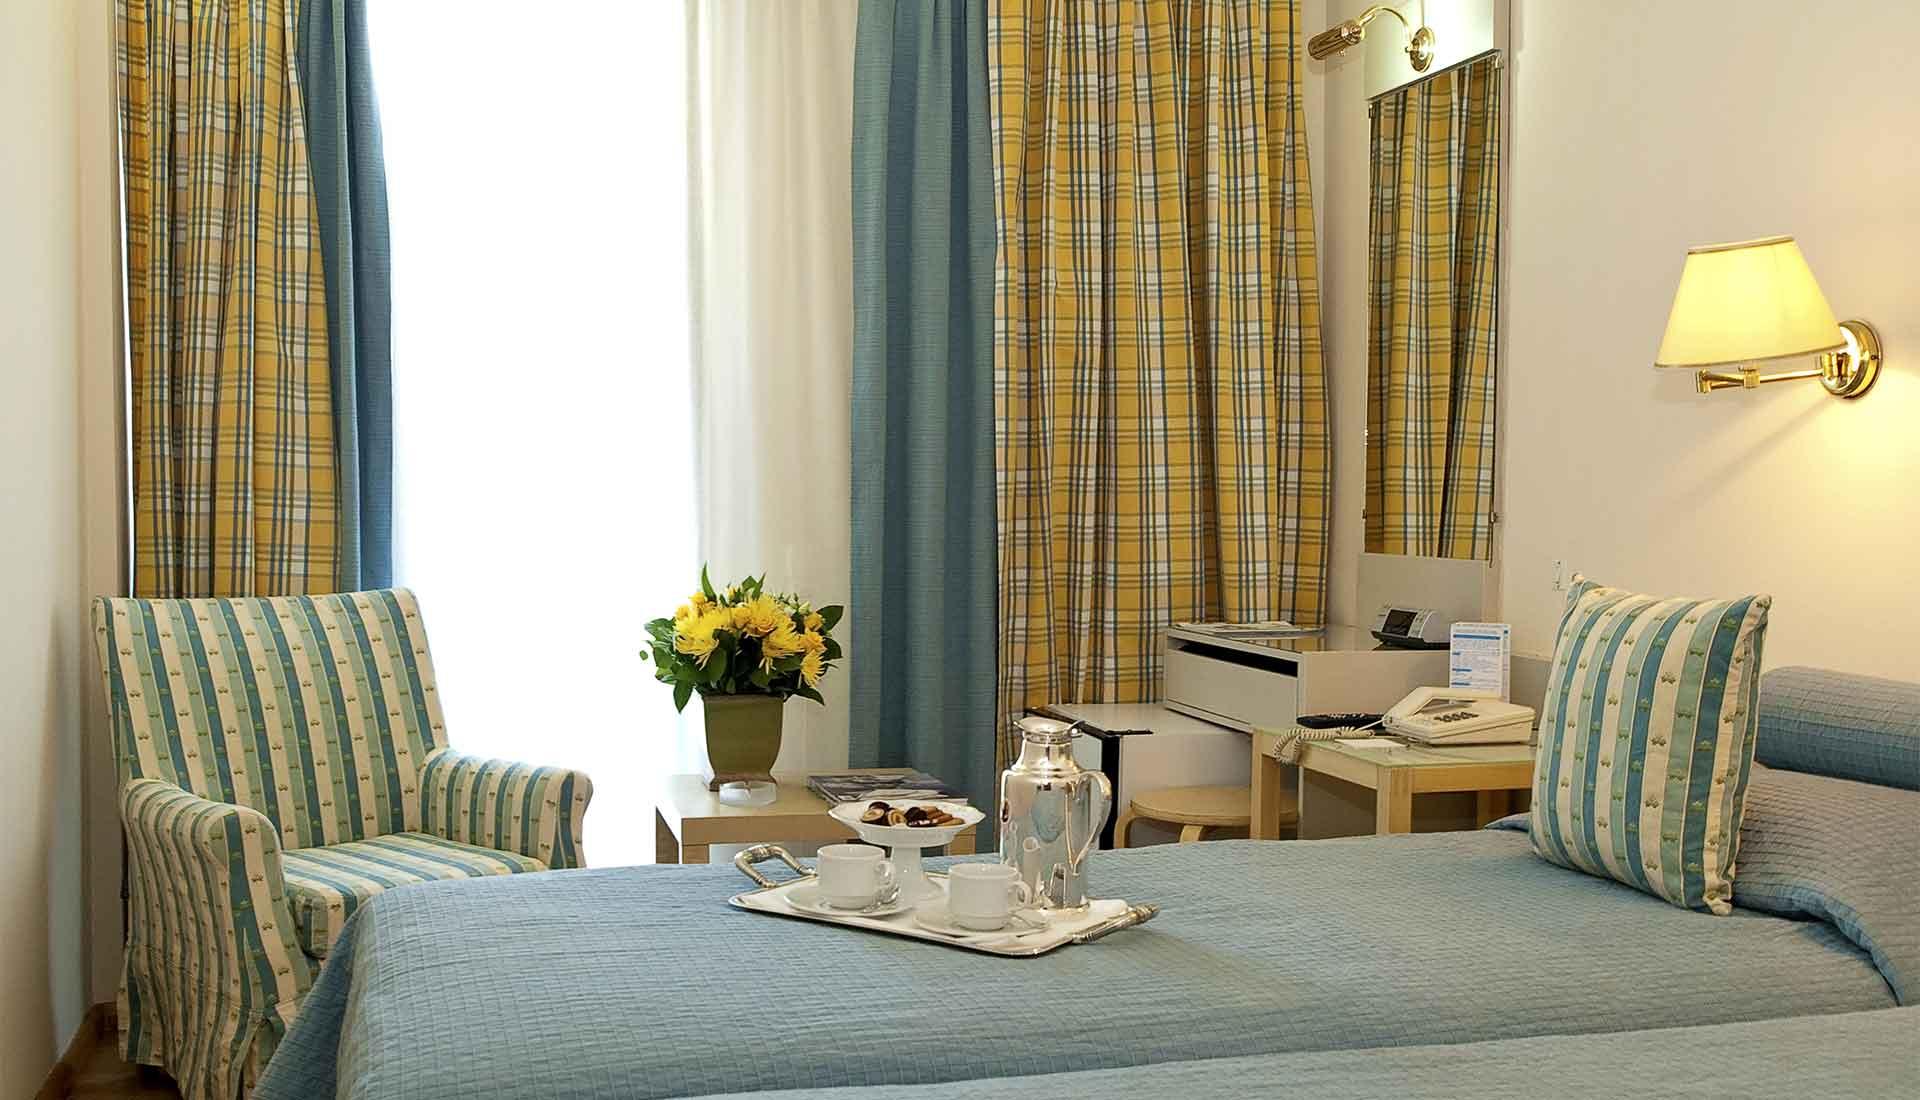 Camera Matrimoniale A Bergamo.Appartamenti Vacanze Bergamo Bb Al Grattacielo